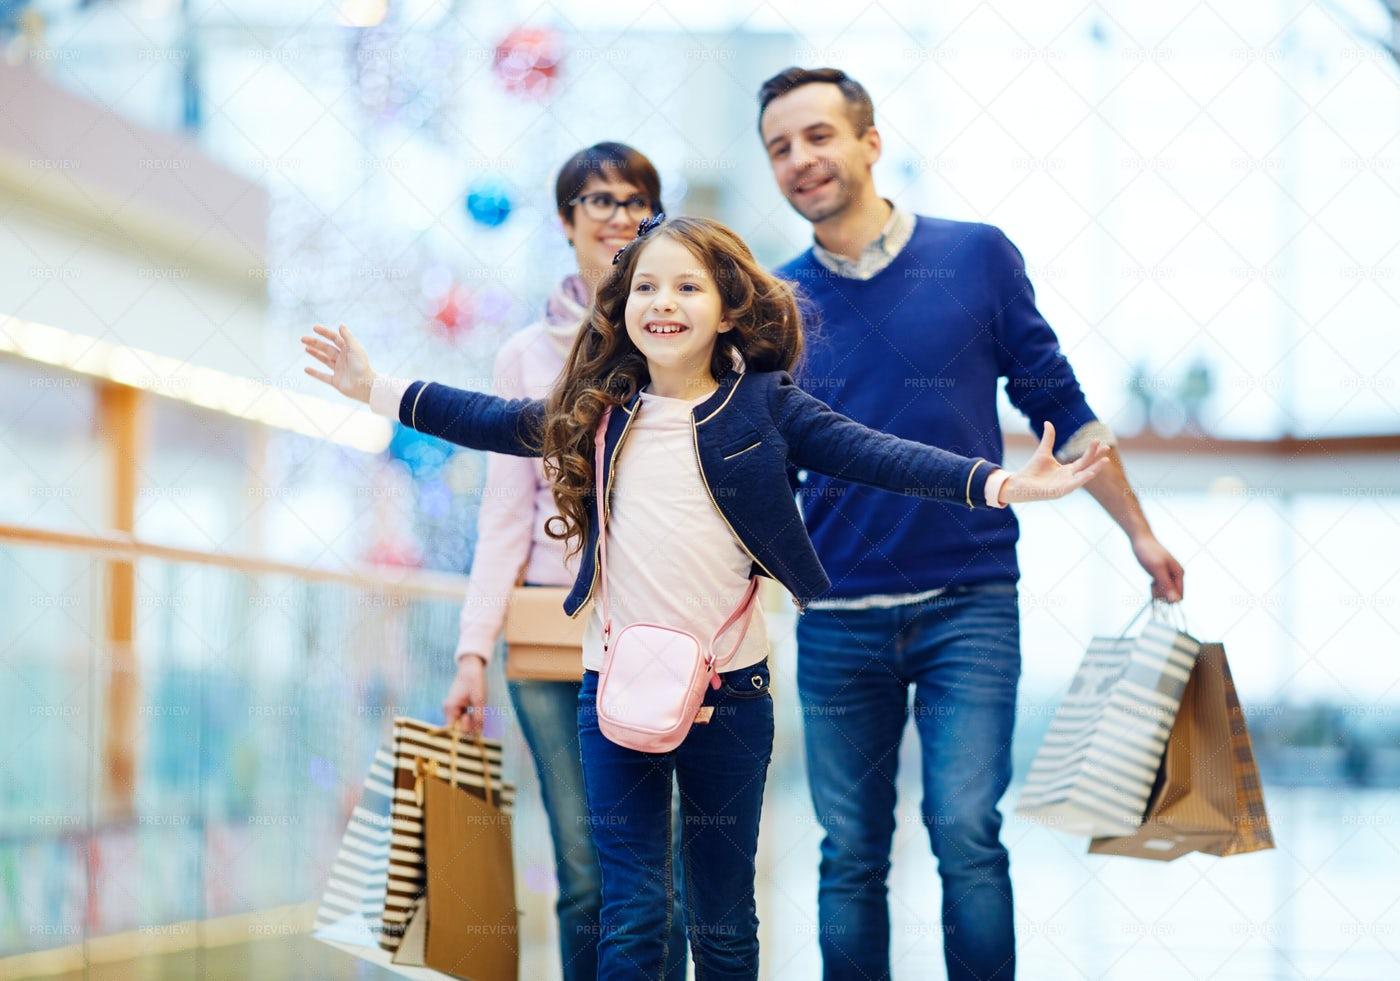 Fun During Shopping: Stock Photos